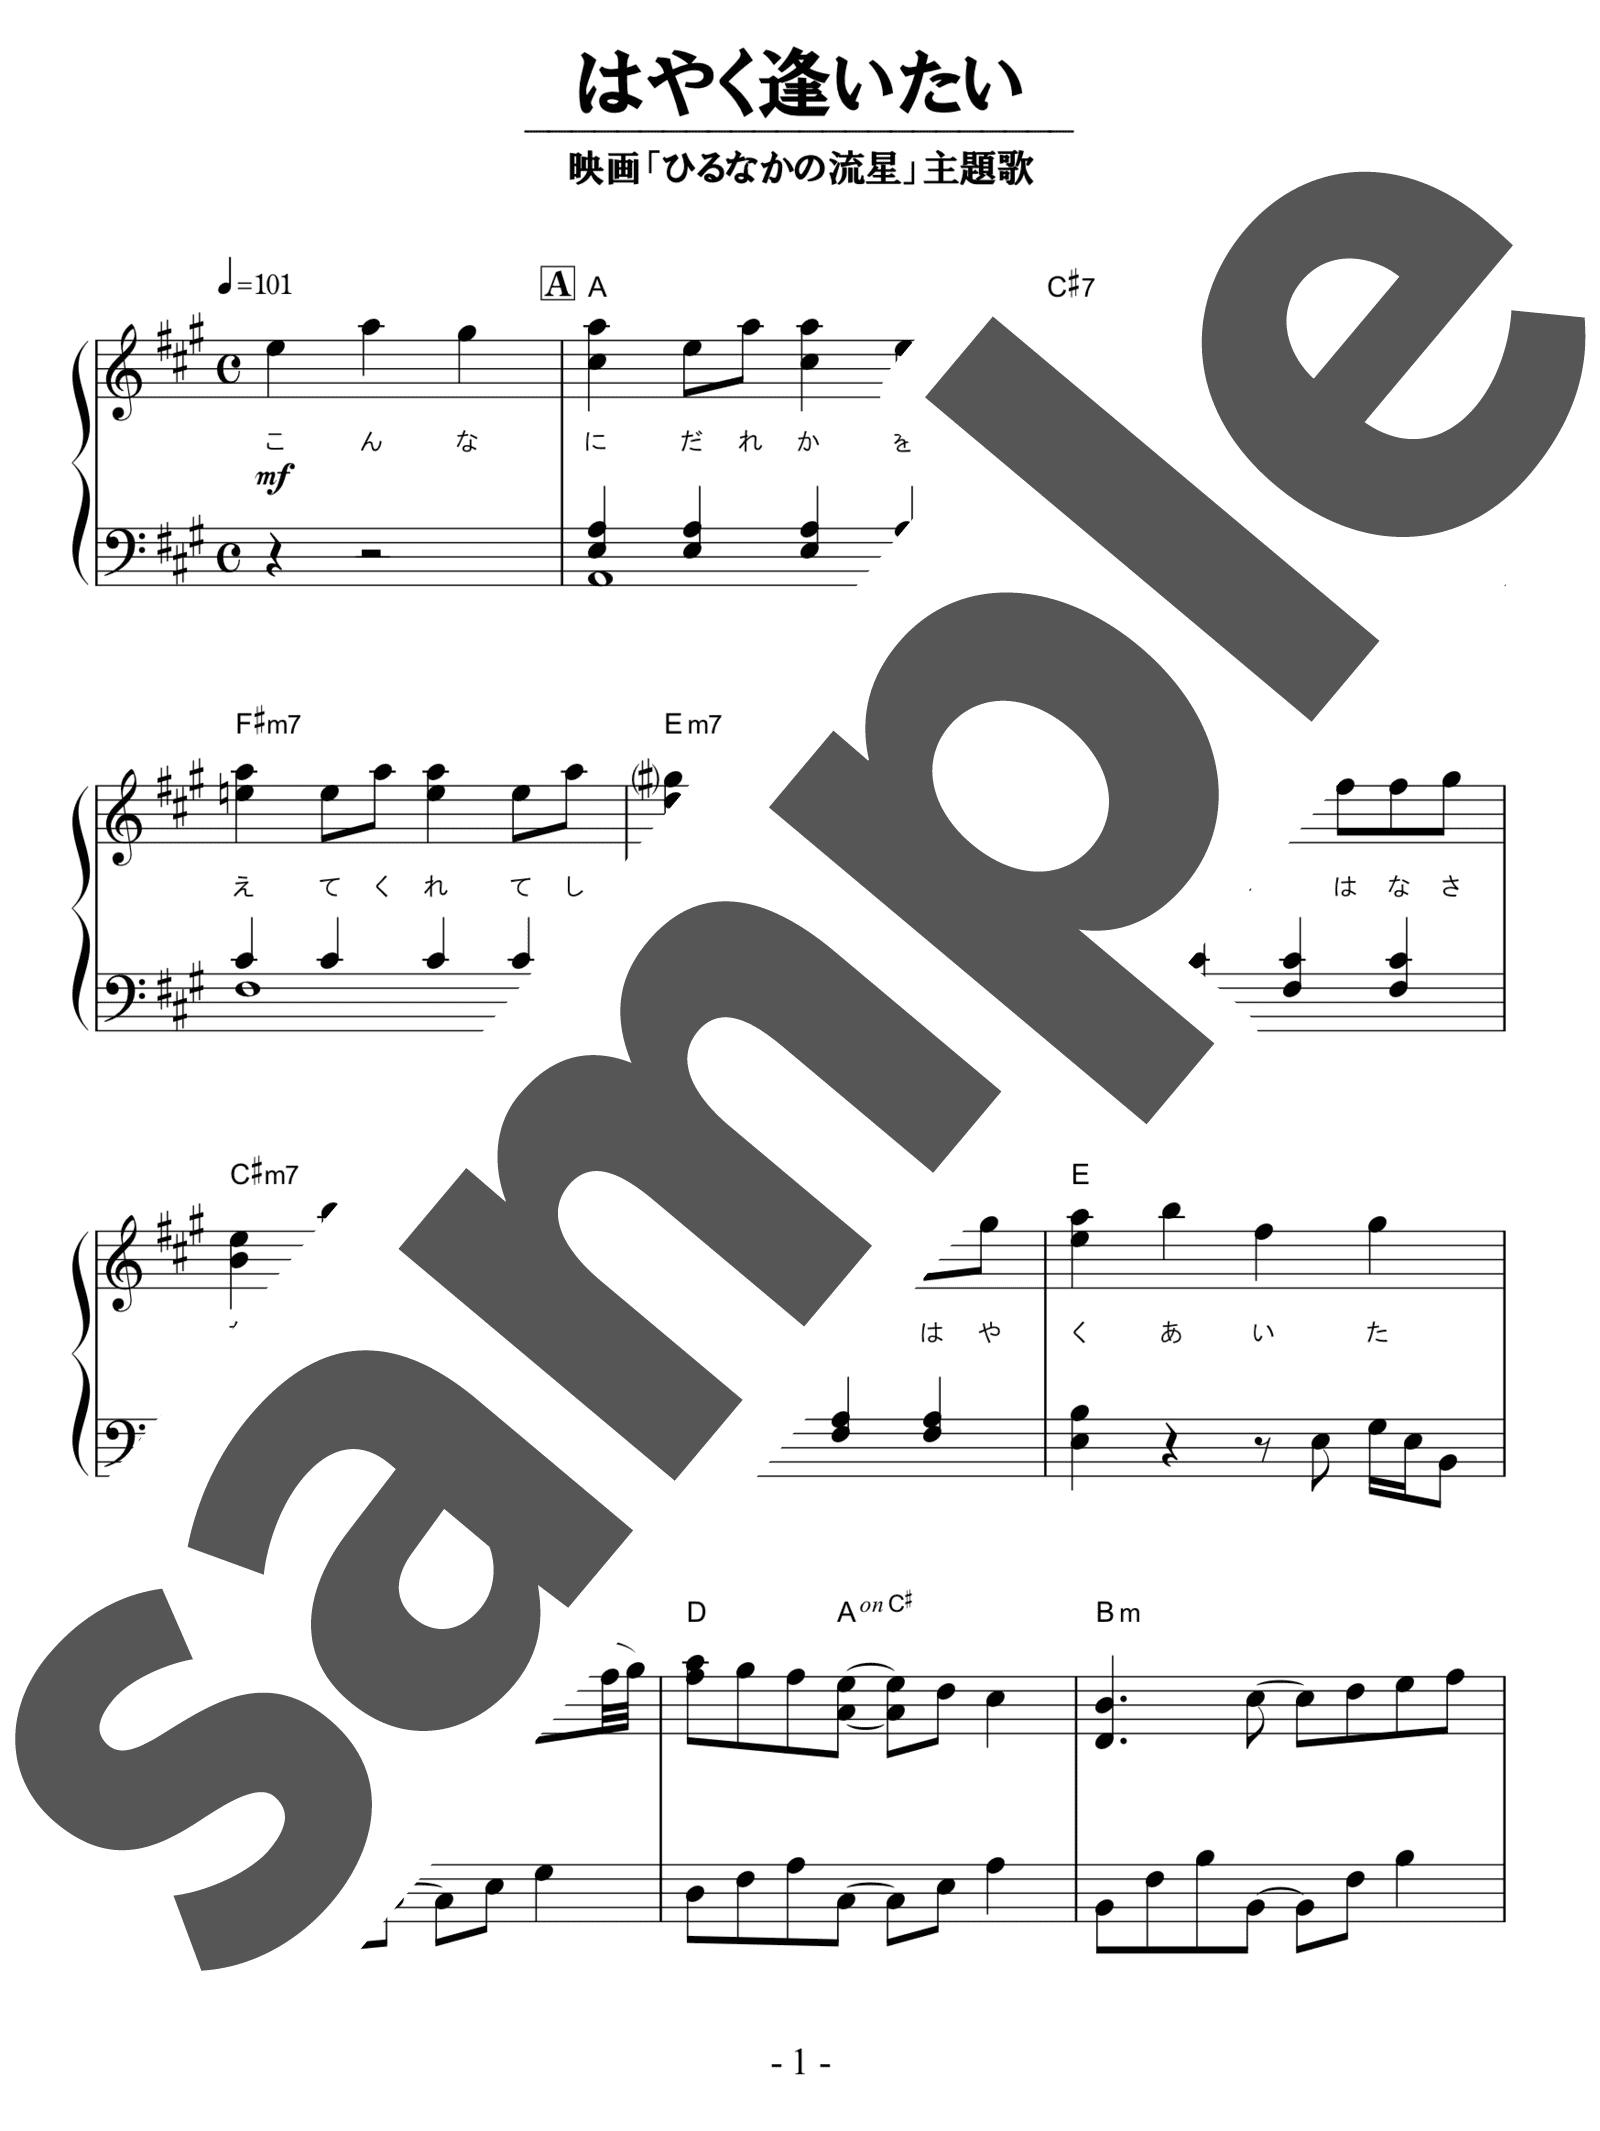 「はやく逢いたい」のサンプル楽譜